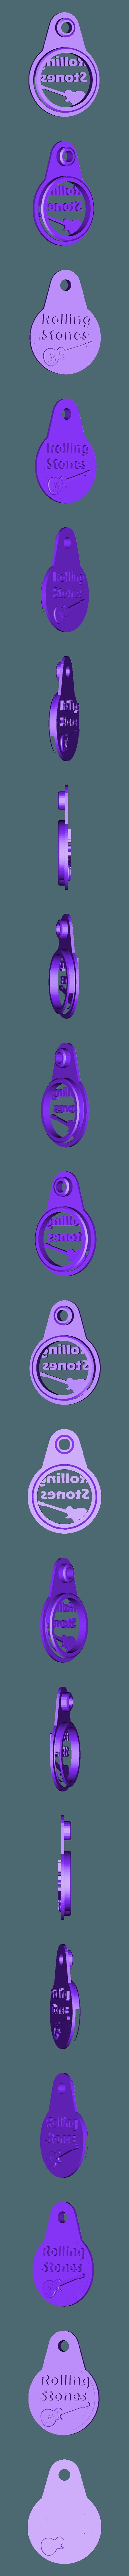 Llavero_STONES._Macho.stl Télécharger fichier STL gratuit LLAVERO (PORTE-CLÉS) TARJETA NFC • Objet pour imprimante 3D, celtarra12